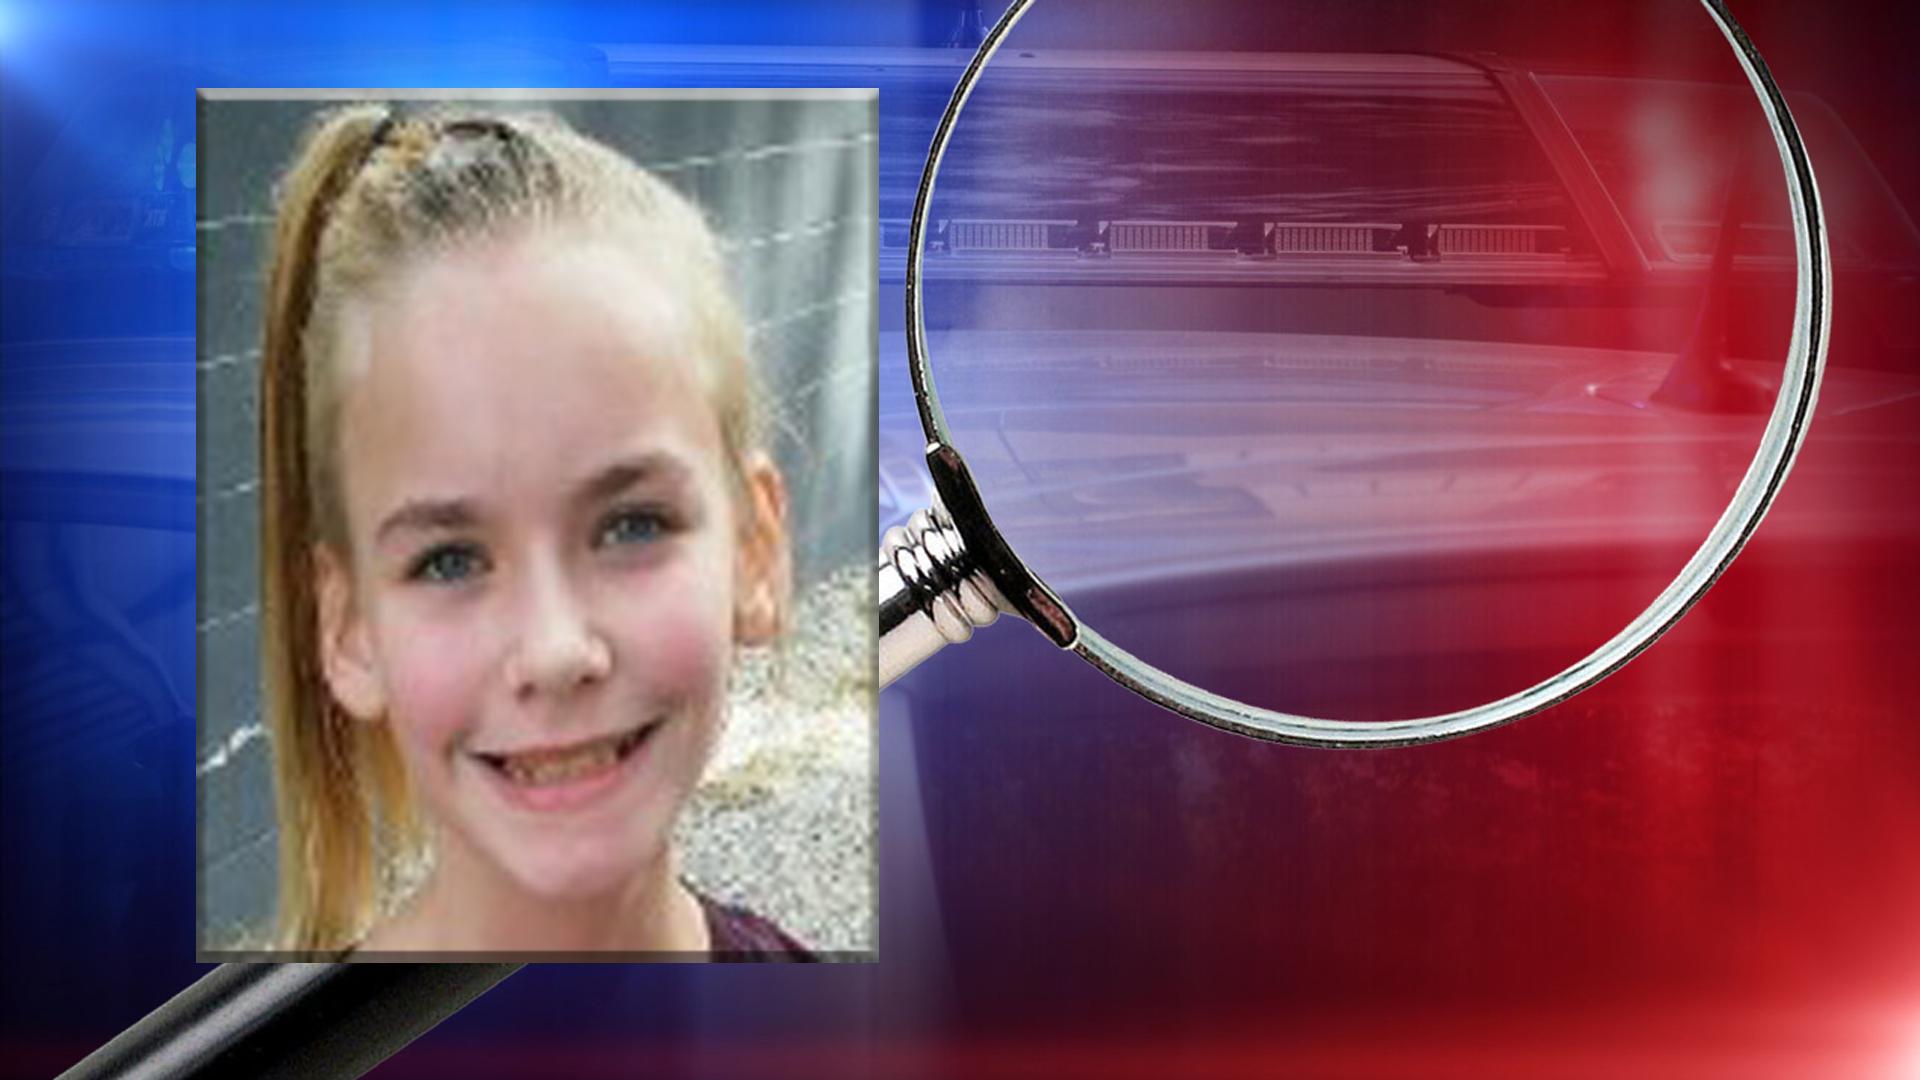 missing child 1551562925549.jpg-159665.jpg